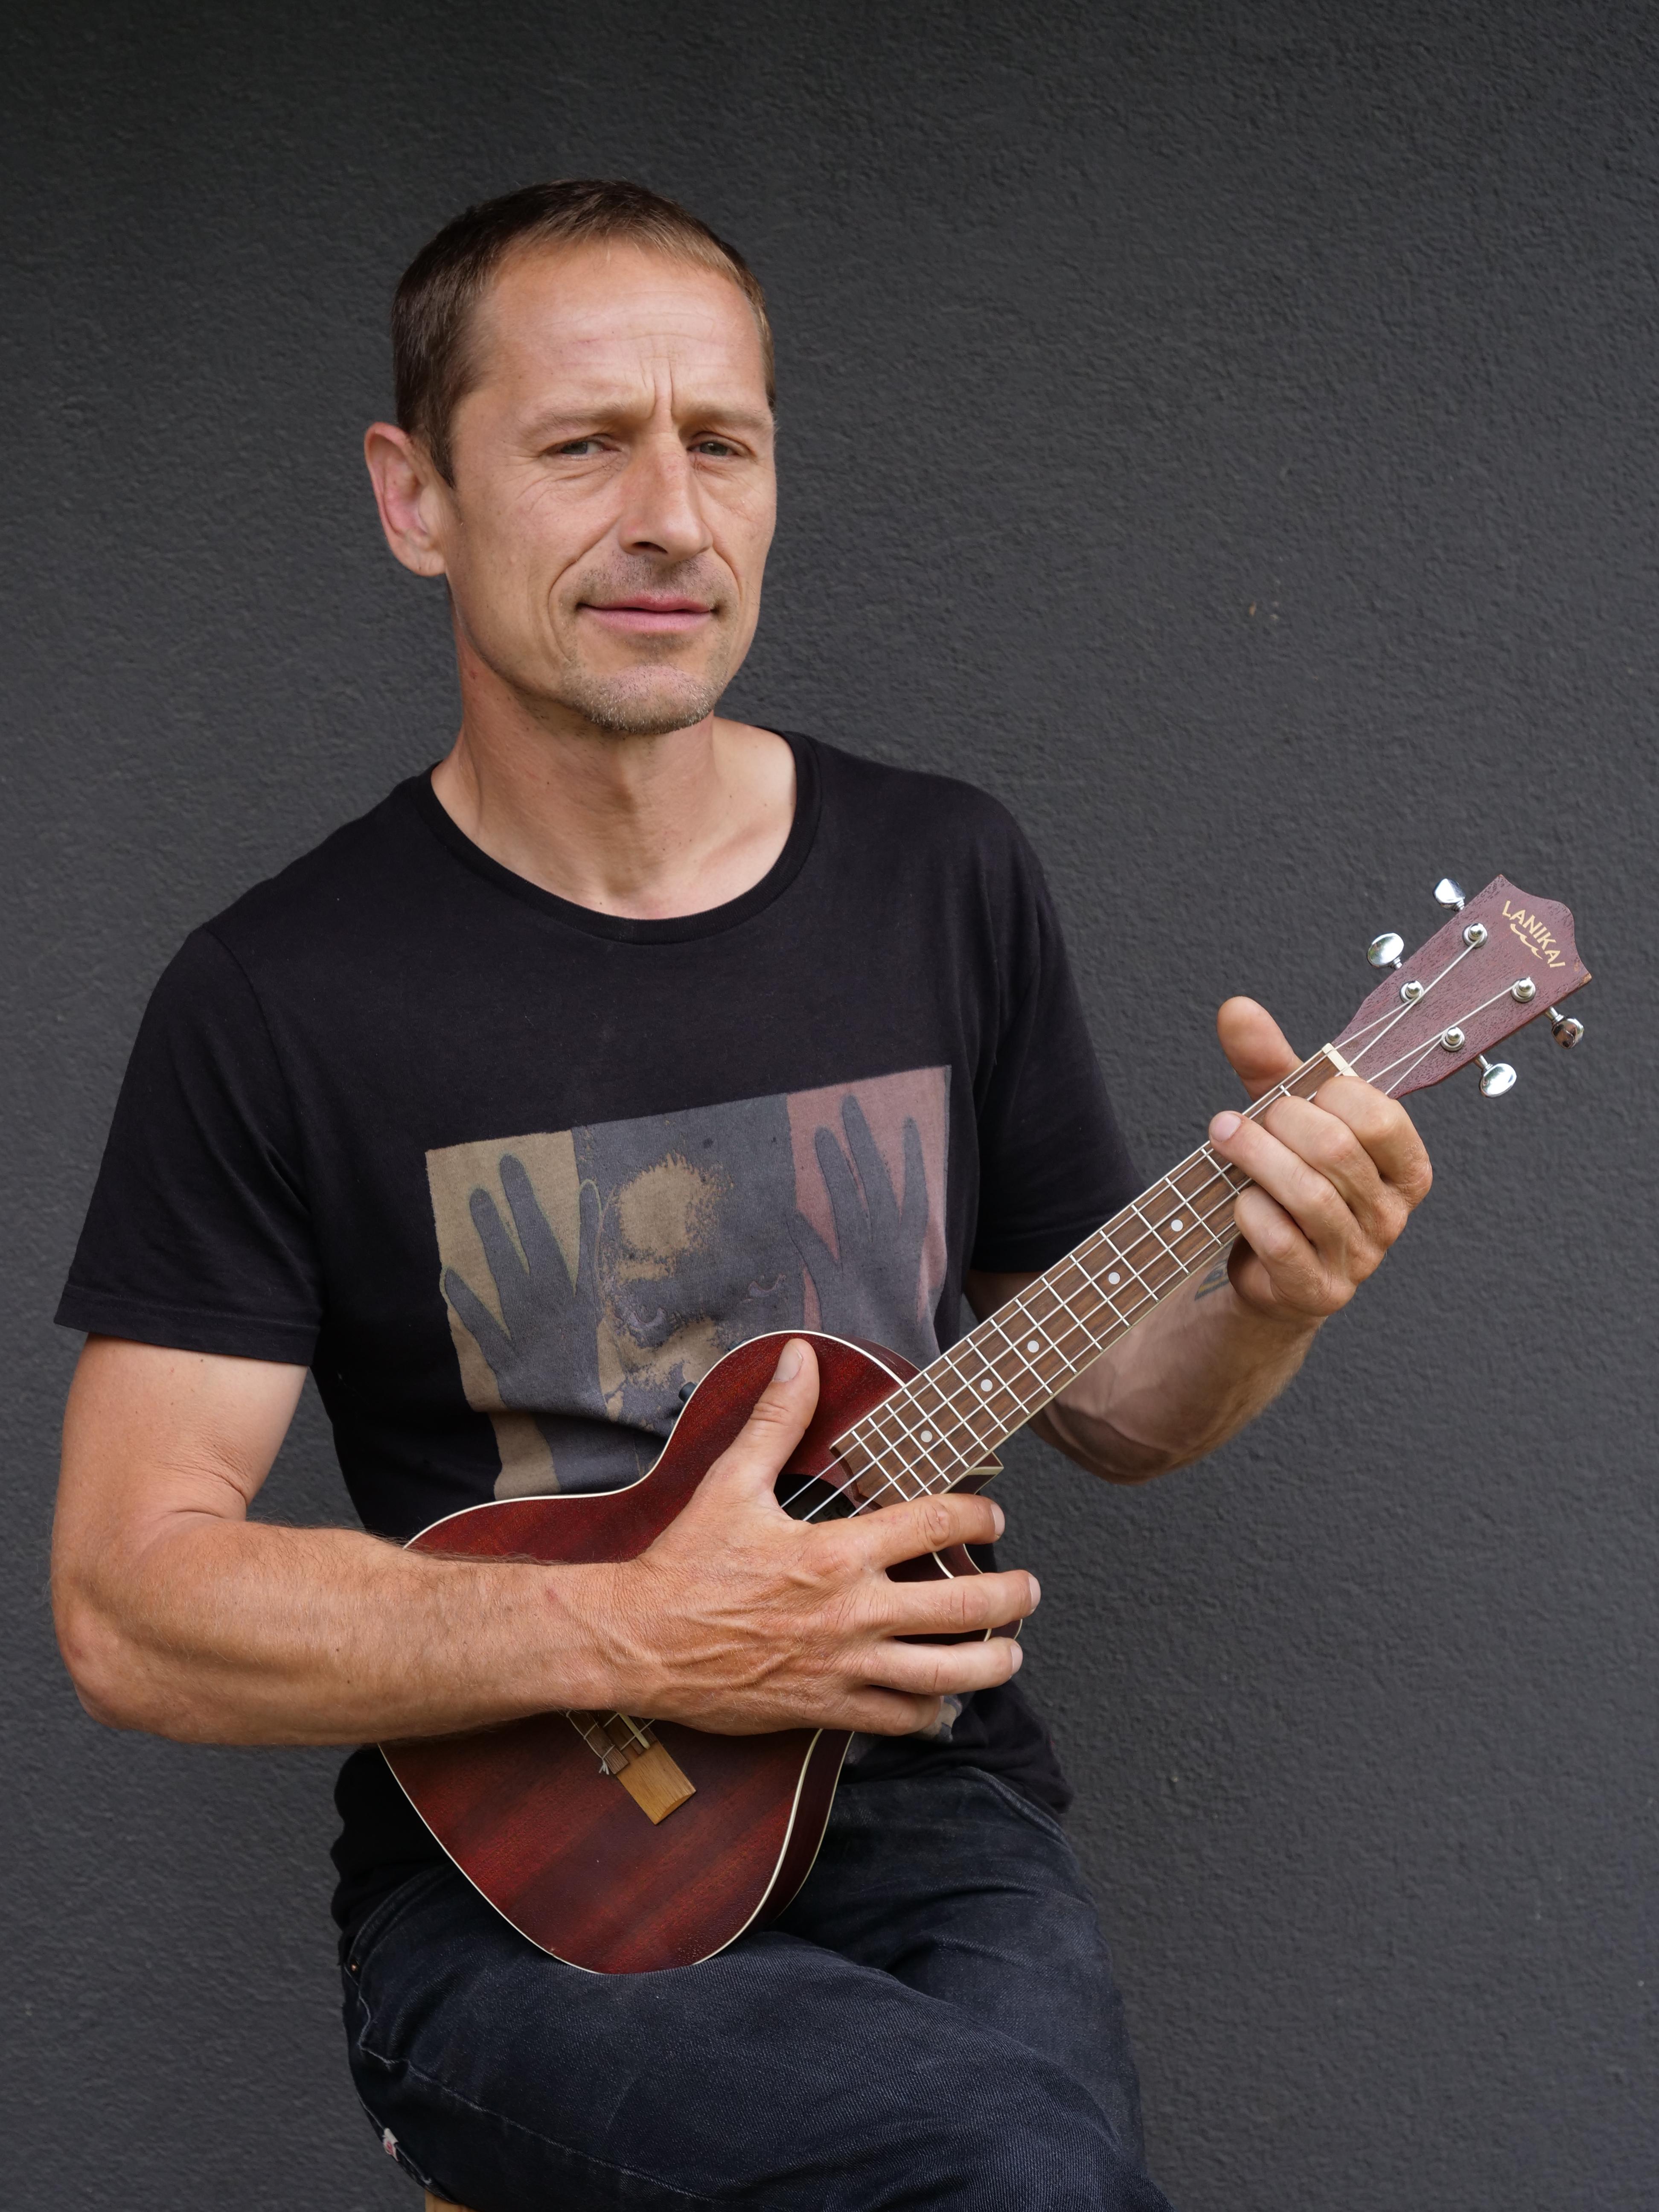 Matěj Homola z Wohnoutů napsal učebnici, jak se naučit hrát na ukulele